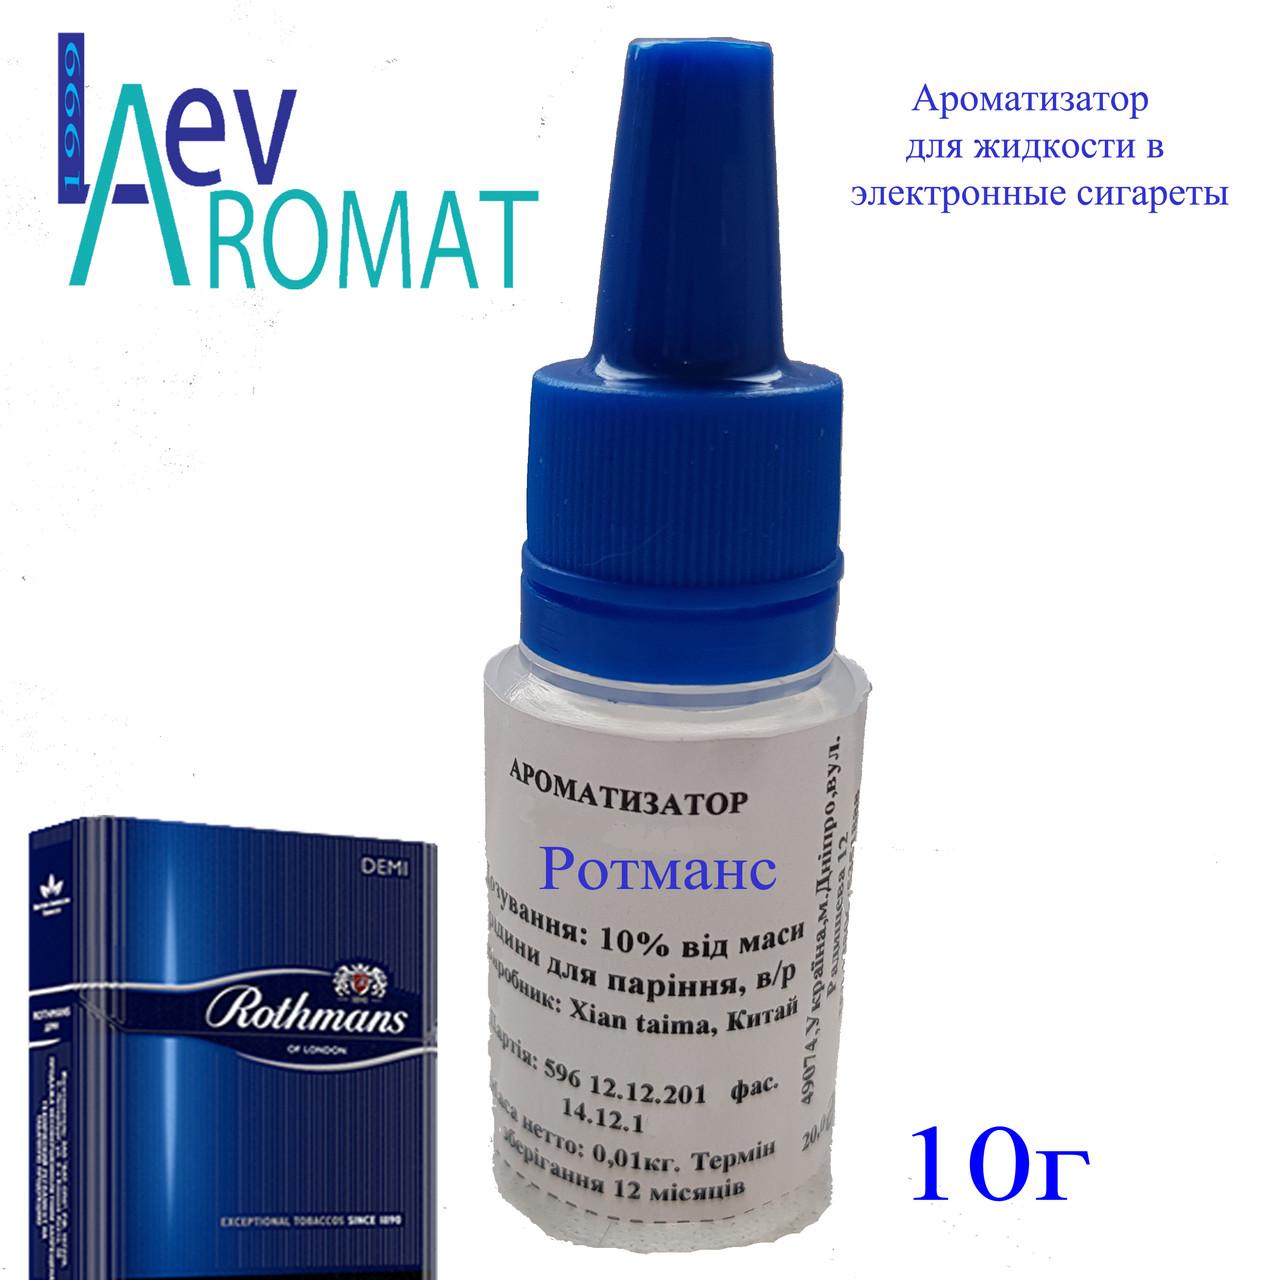 Ароматизатор жидкость для электронных сигарет купить купить табачные ароматизаторы для электронных сигарет